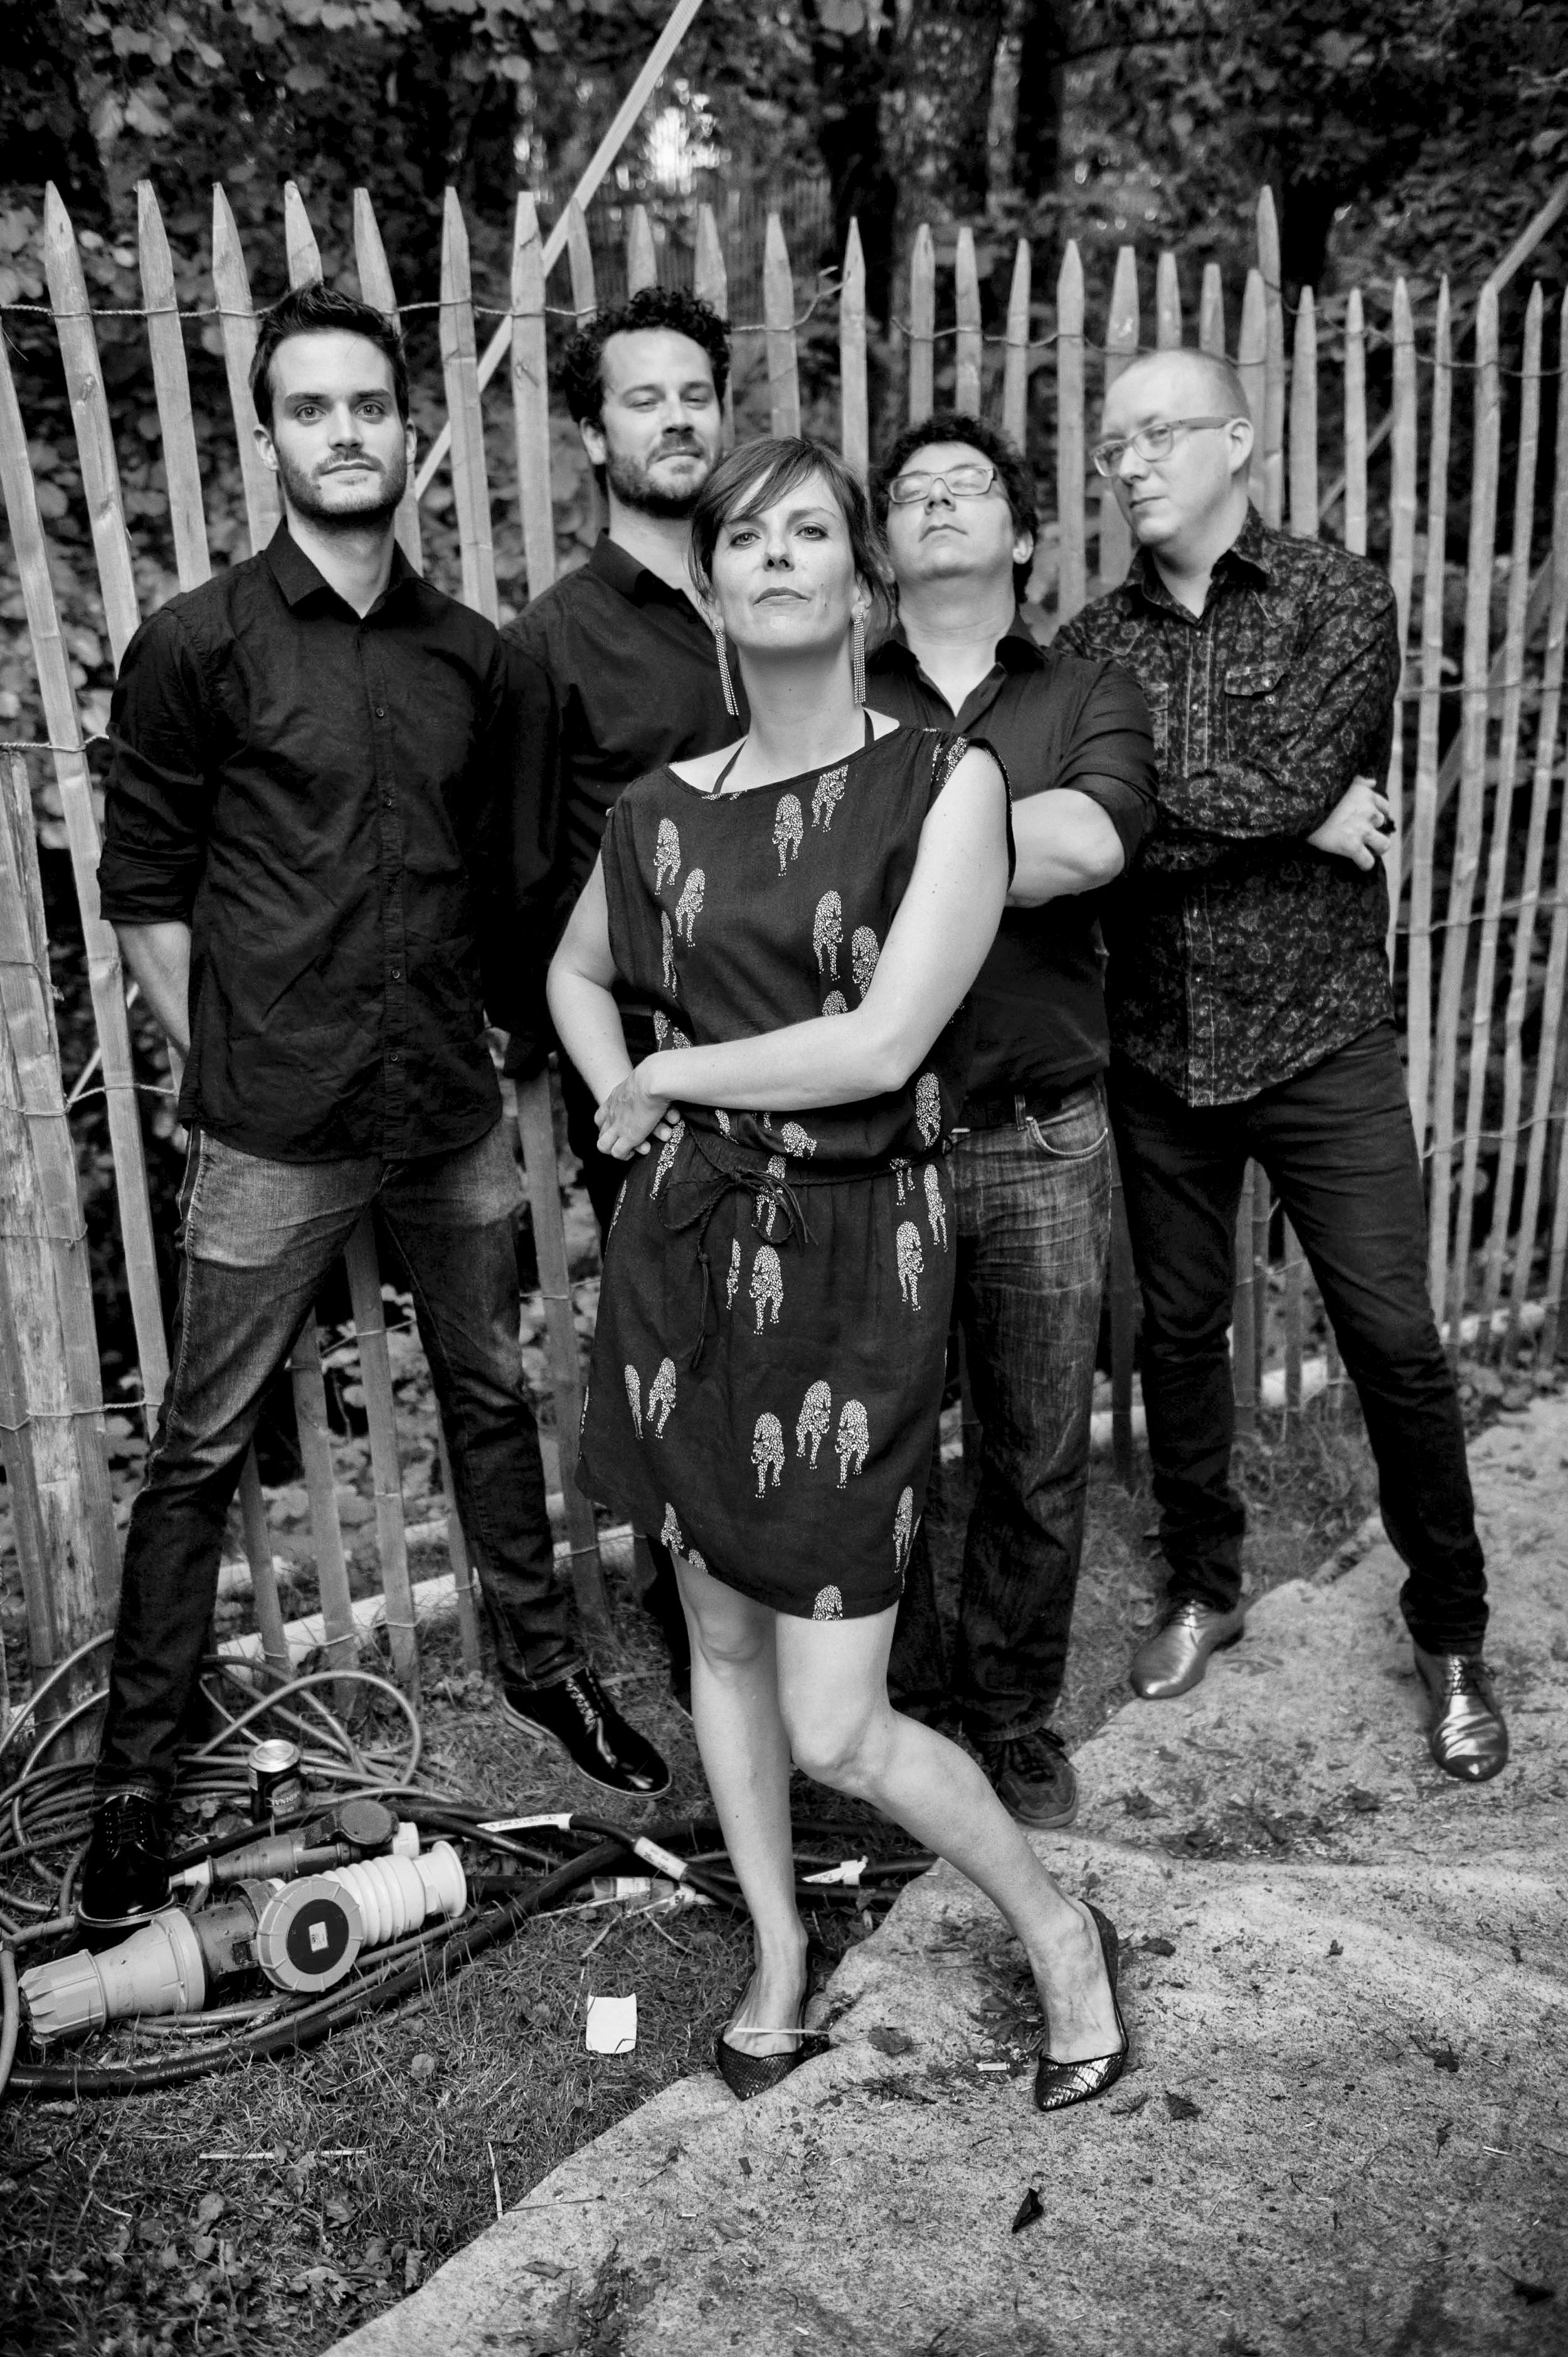 © Anne Colliard, Paléo 2013  Avec: Grégoire Pasquier, Mathieu Kyriakidis, Fabrice Seydoux et Sacha Ruffieux